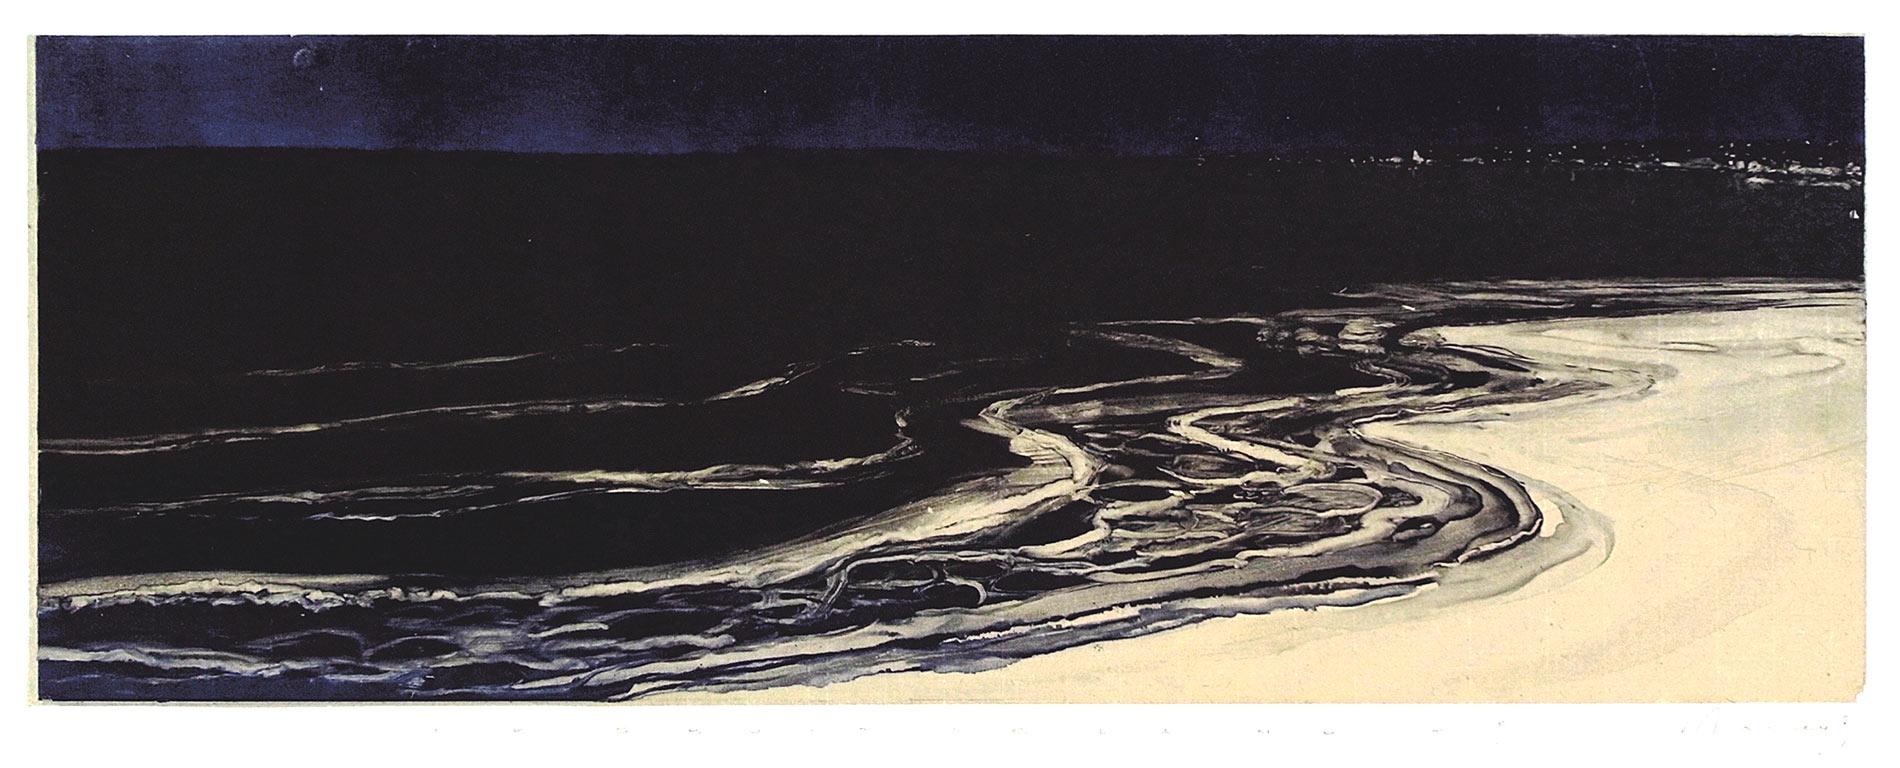 Le bruit de la nuit 3. Monotype, 20 x 55,5 cm, 2013